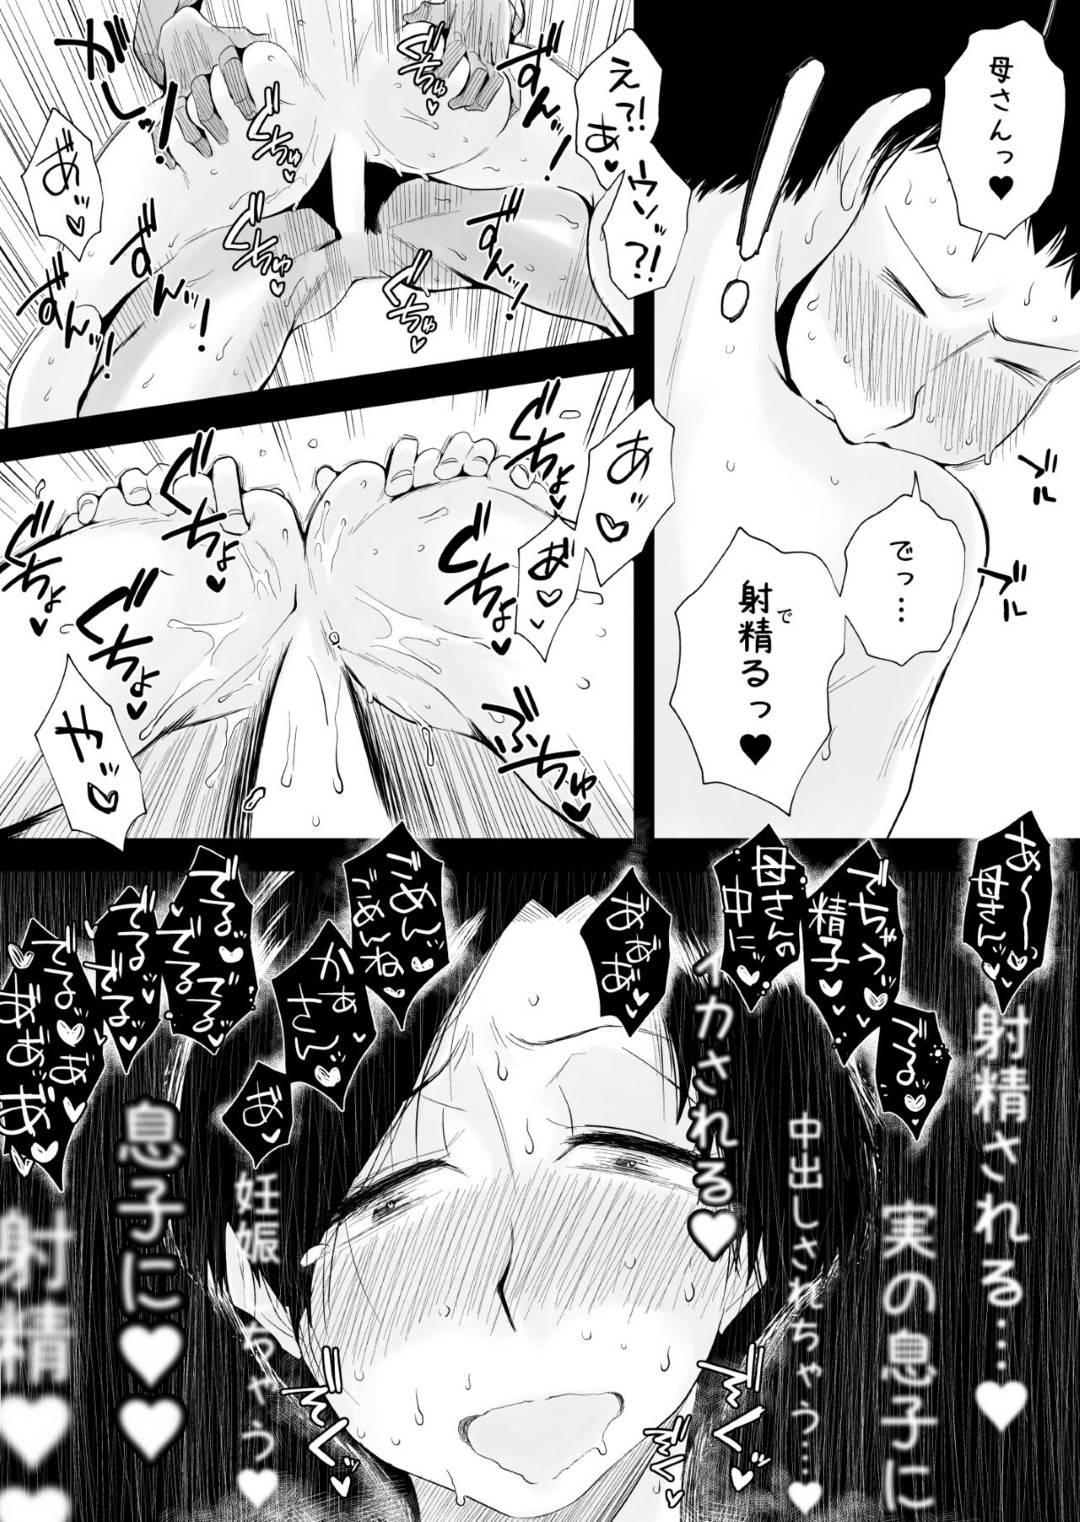 【母息子近親相姦エロ漫画】母がエロく思えてしょうがない息子は母のパンティーでオナニーする。ヨガをしてる母を見て我慢できなくなった息子は、汗だくの母の身体の匂いを嗅ぎながら近親相姦セックスでイキまくる【はいとく先生】